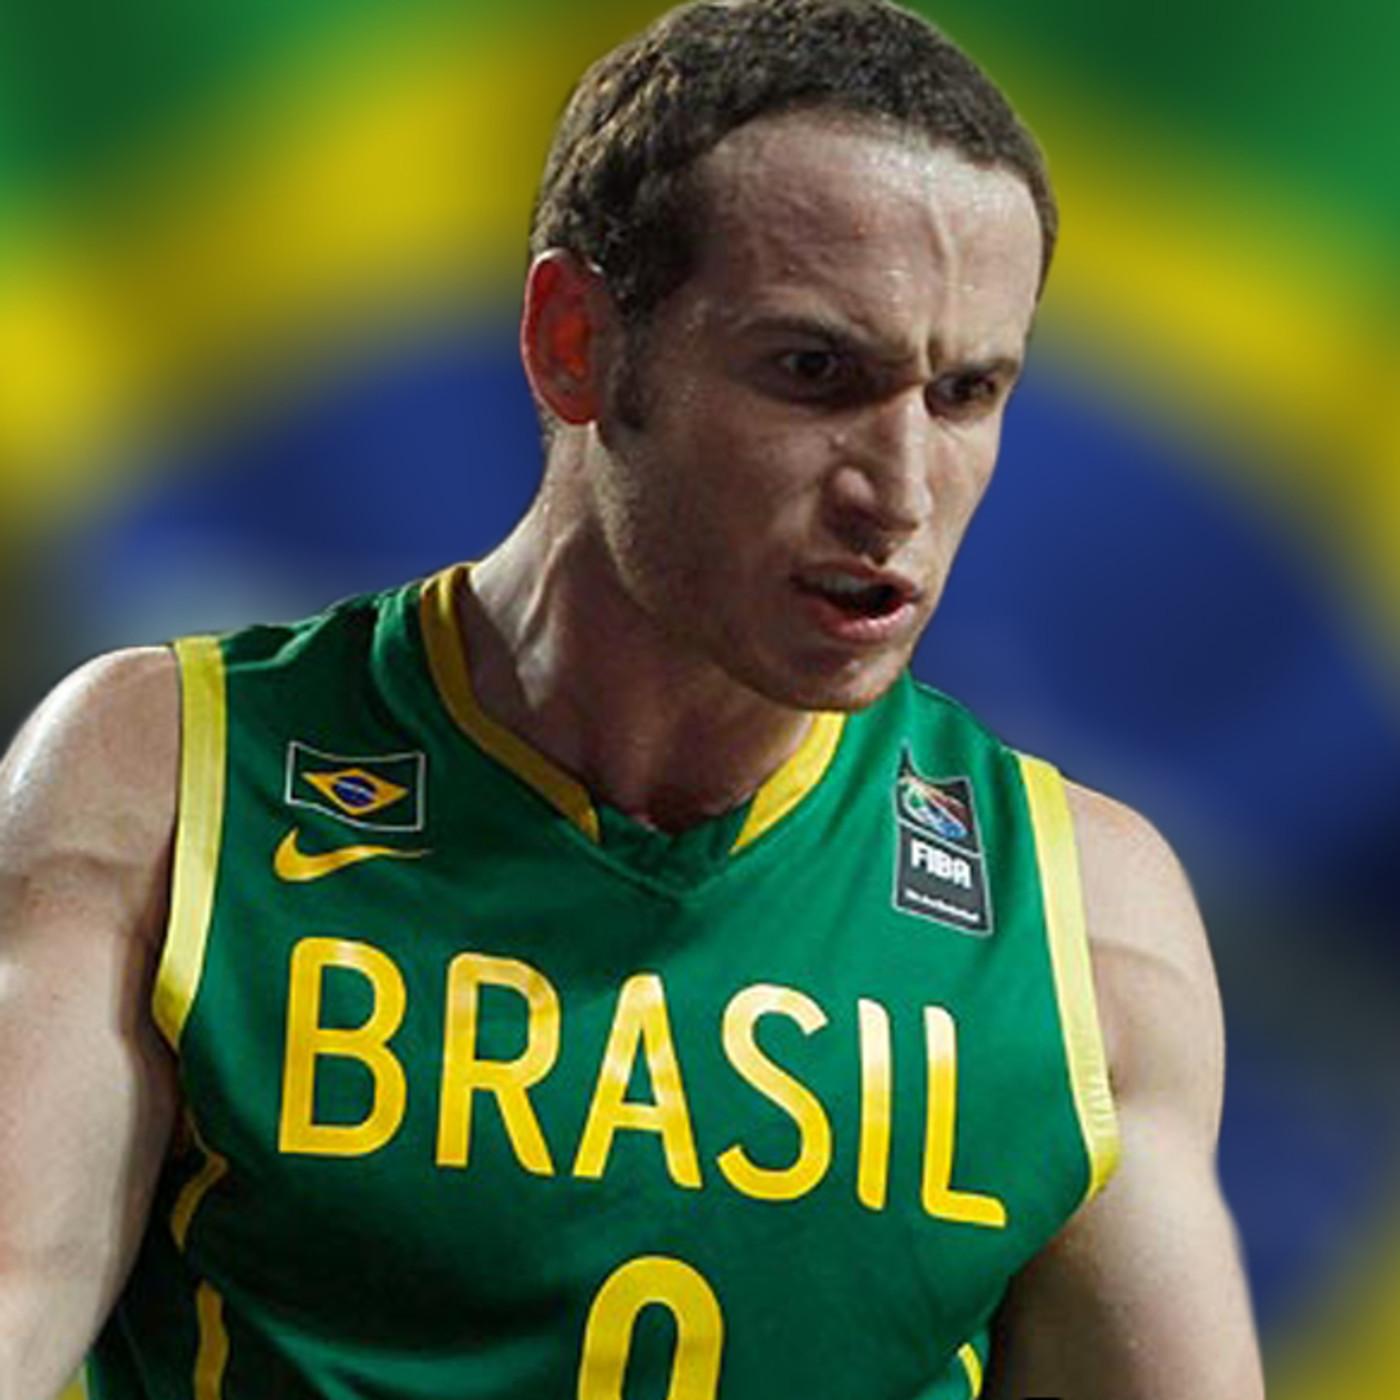 Basquete brasileiro nas Olimpíadas 2016